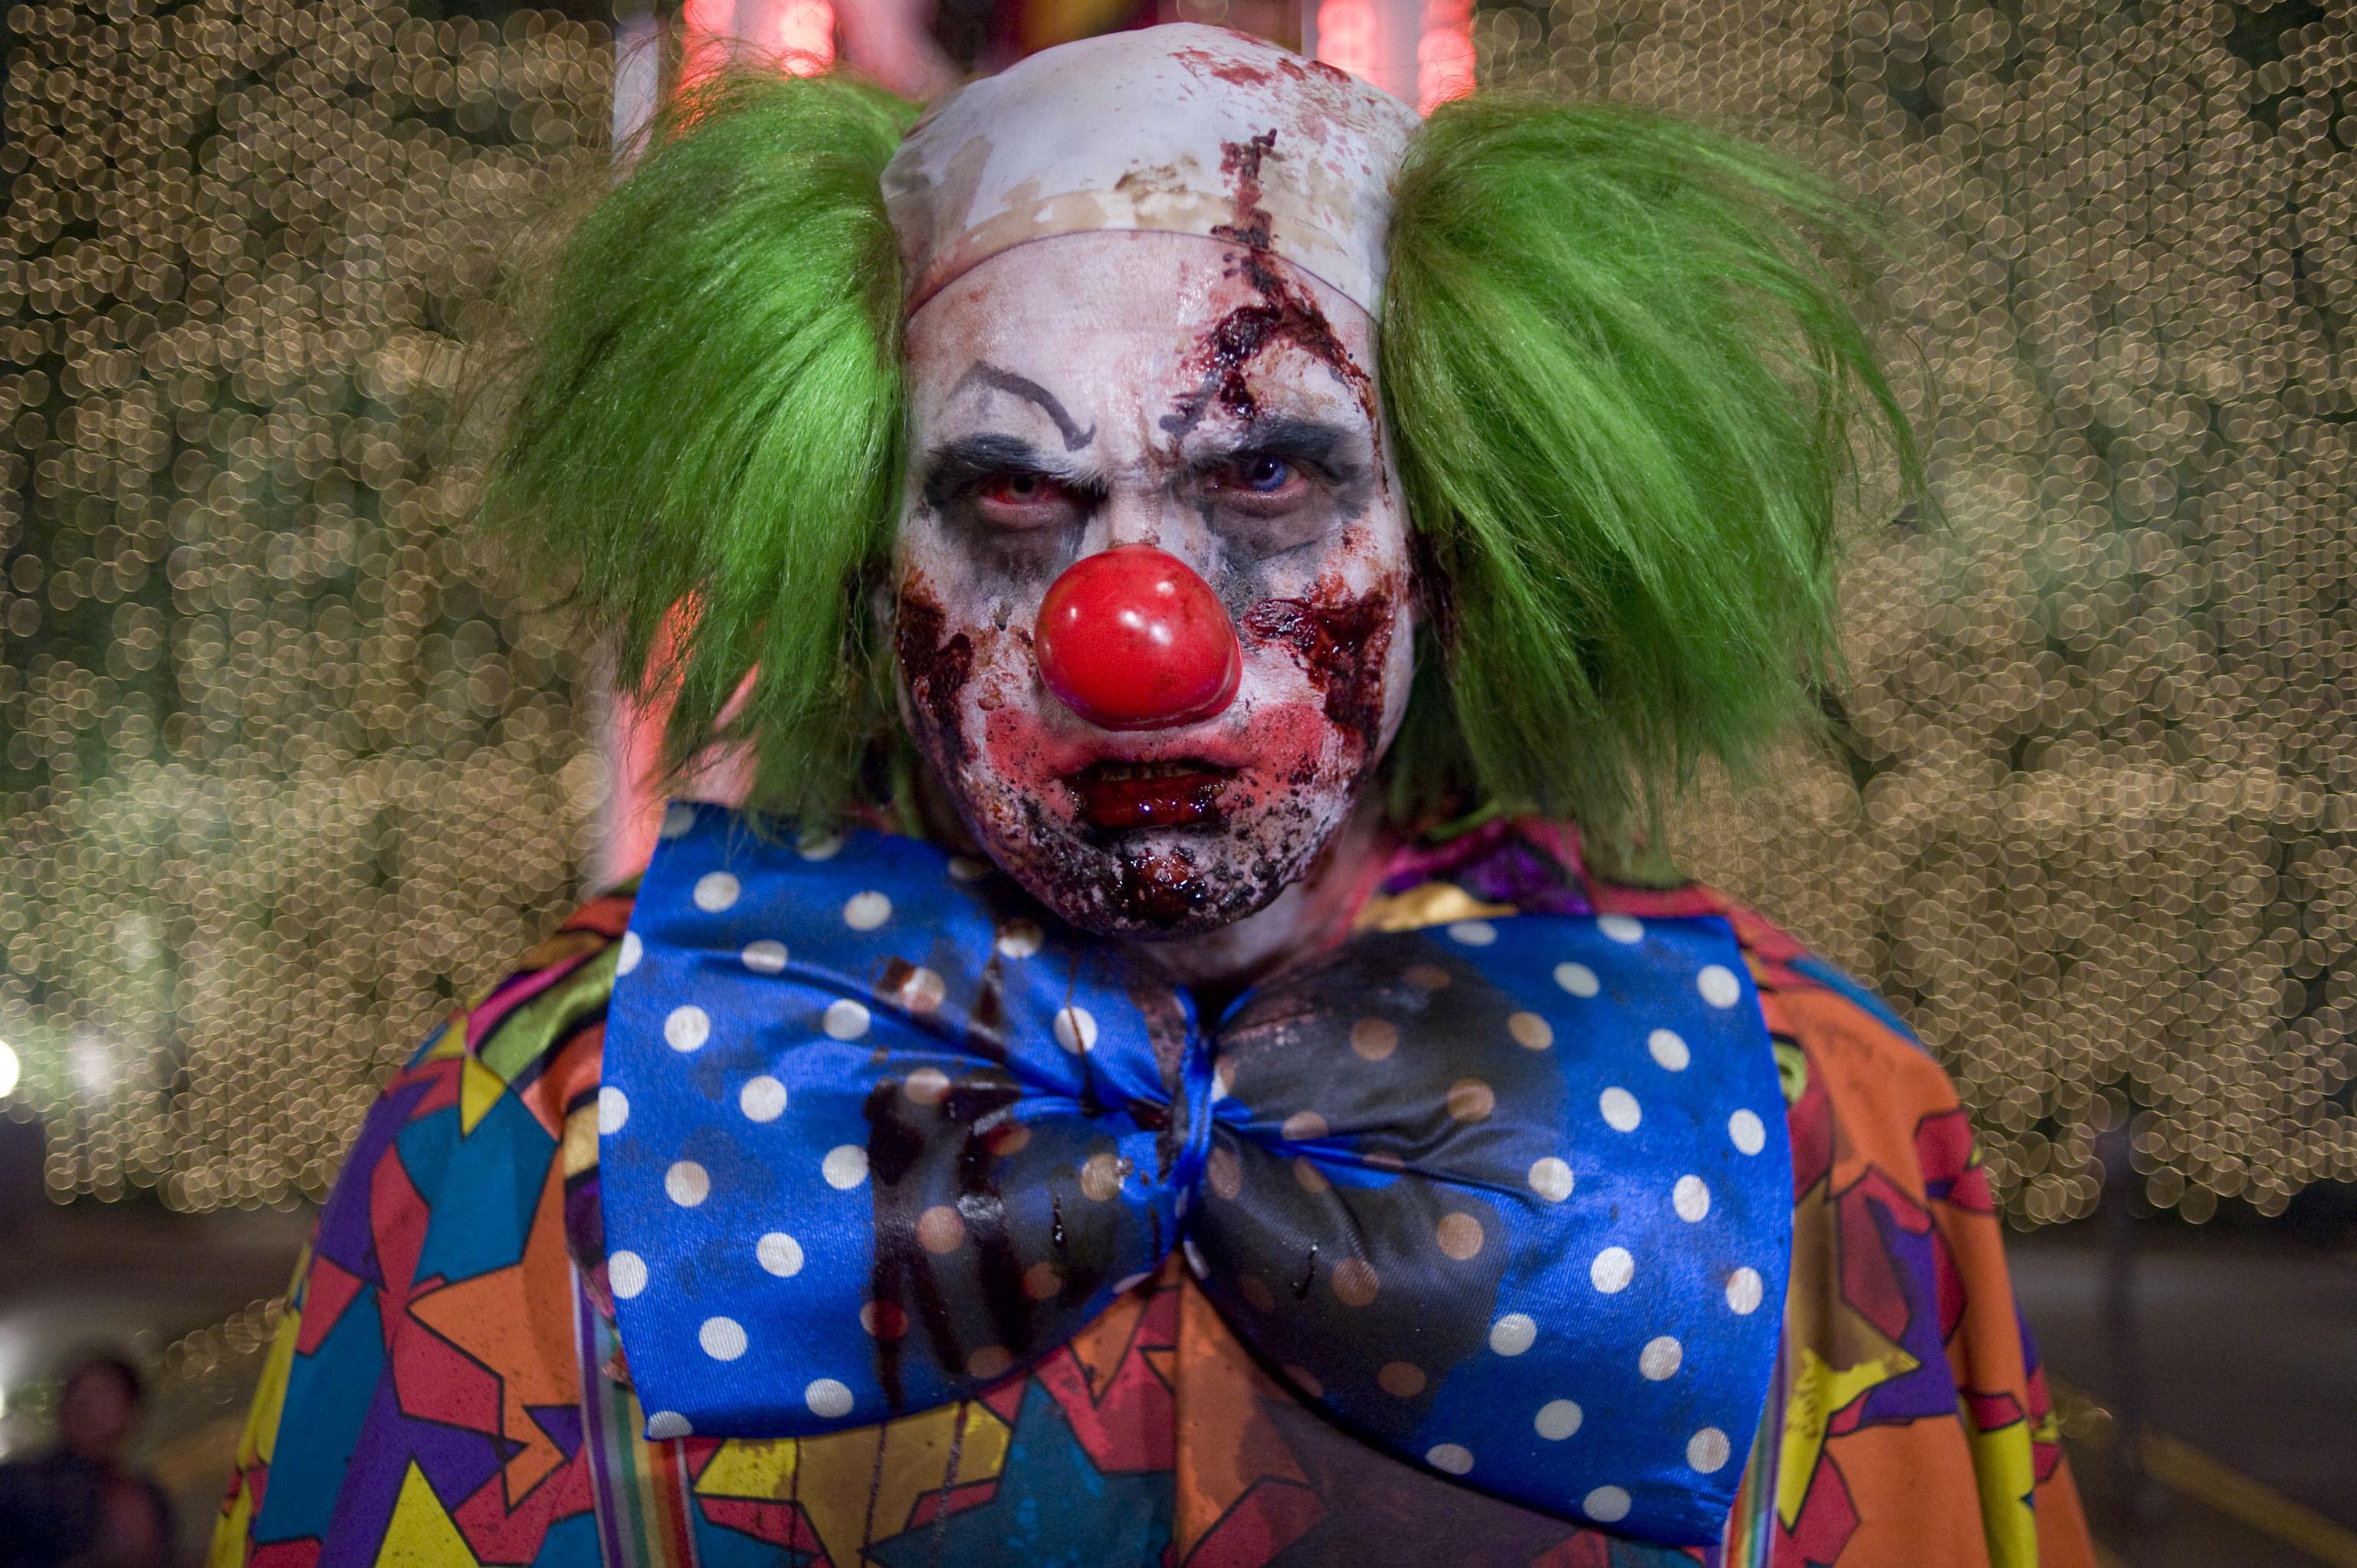 Неизвестный вмаске клоуна вШвеции изрезал прохожего ножом